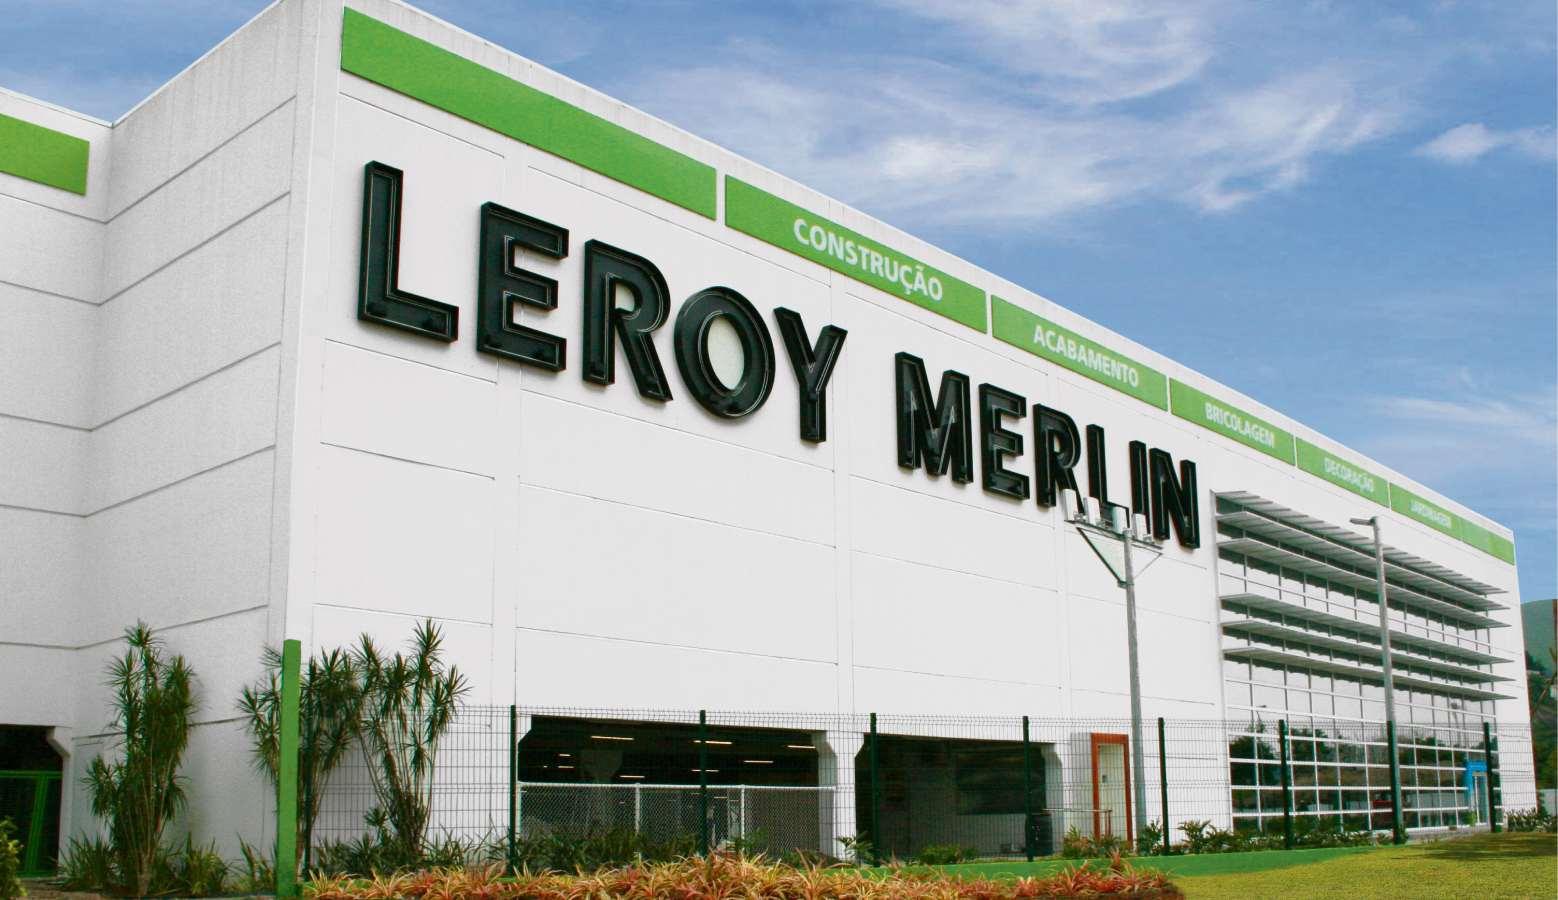 Megaloja da marca francesa será instalada no terreno do aeroporto de Vitória. Crédito: Divulgação